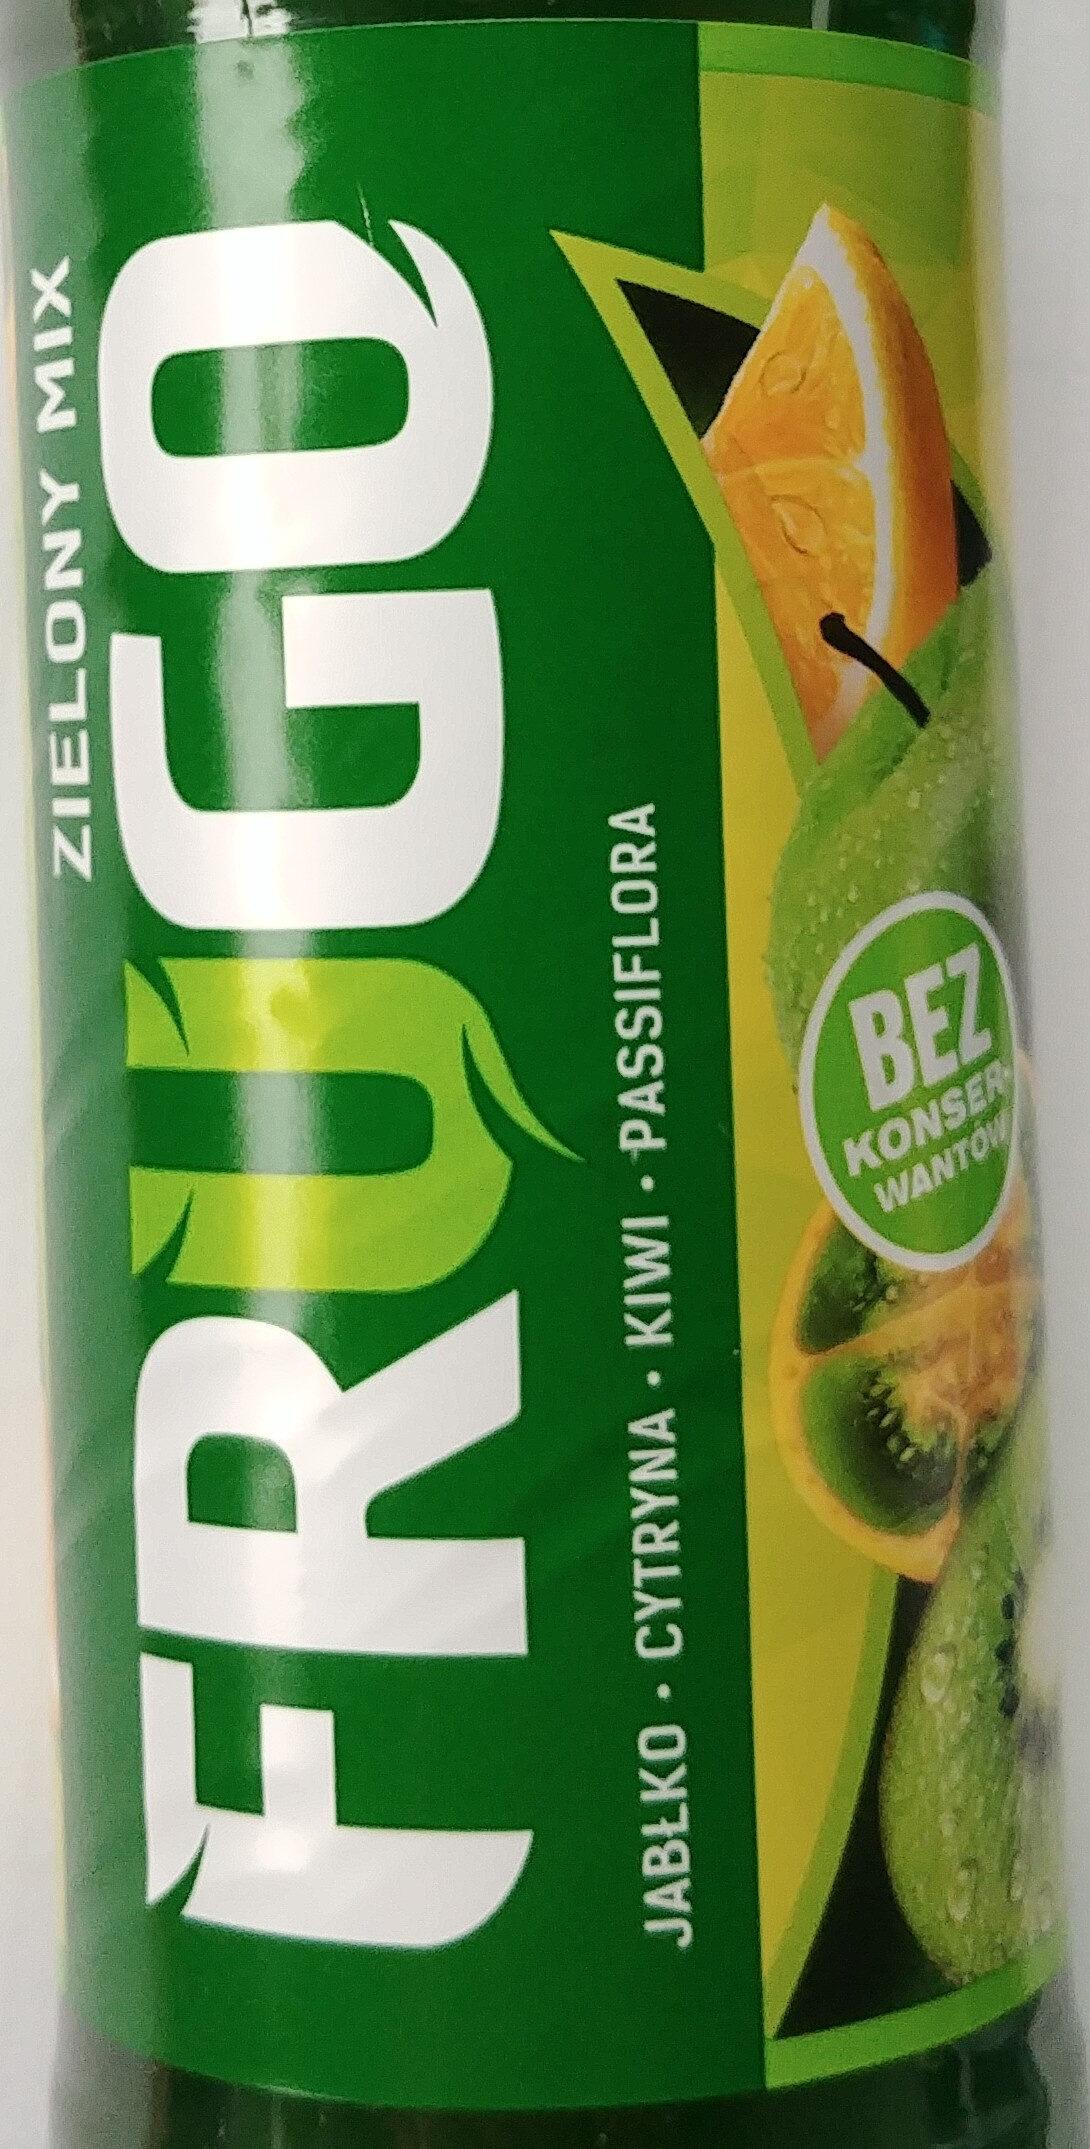 Napój wieloowocowy - Zielony mix - Product - pl